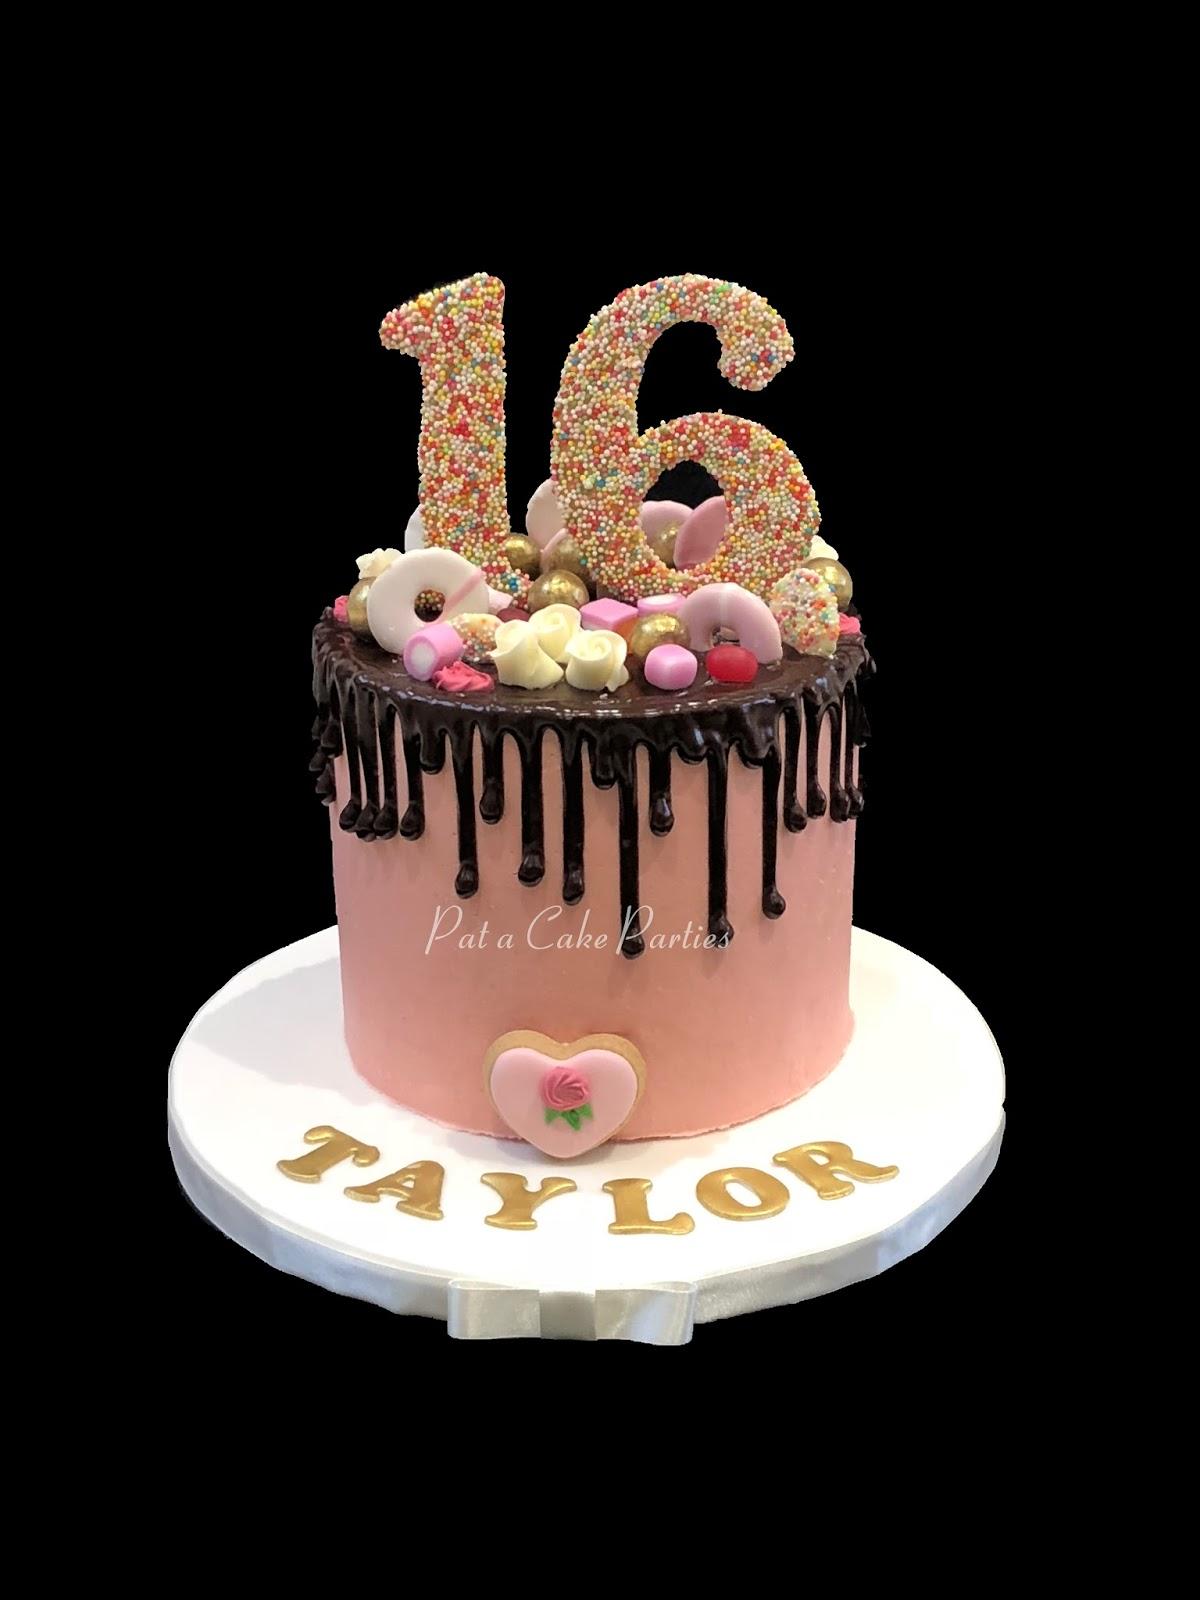 Pat A Cake Parties 16th Birthday Drip Cake